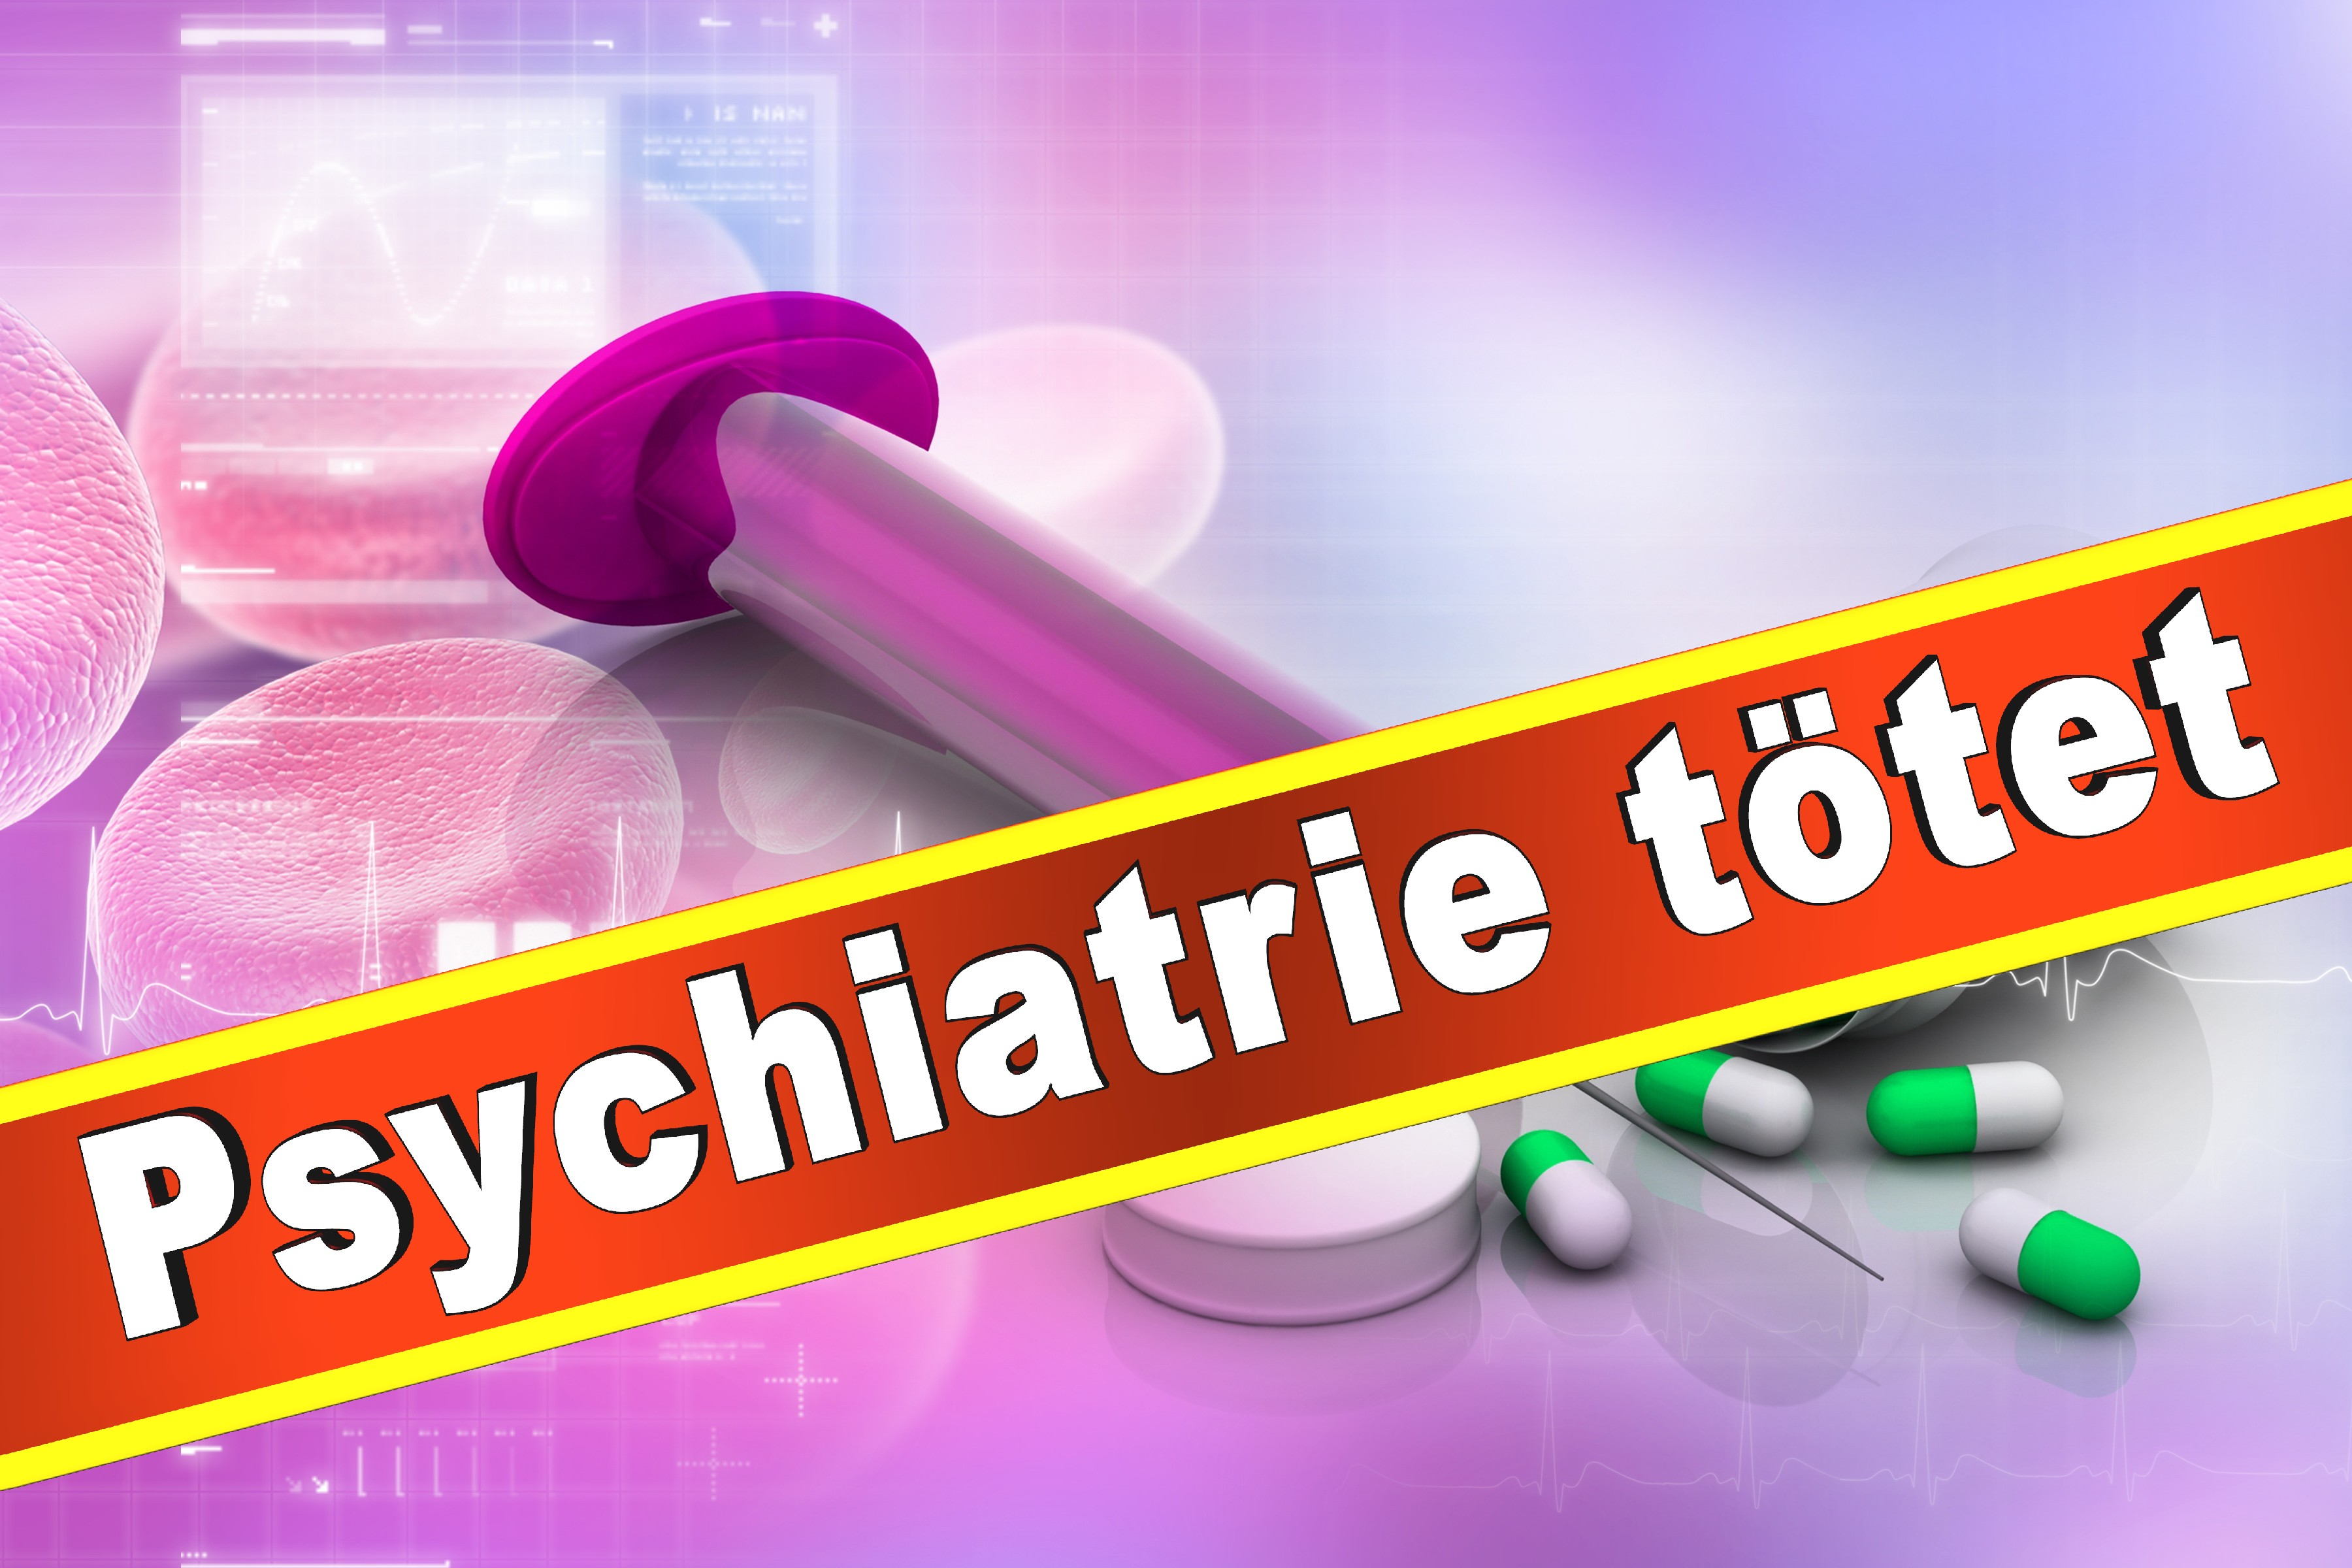 Wielant Machleidt Psychiater Psychotherapeut Professor Praxis Der Interkulturellen Psychiatrie Und Psychotherapie Medizinische Hochschule Hannover Klinik Für Psychiatrie Sozialpsychiatrie (34)